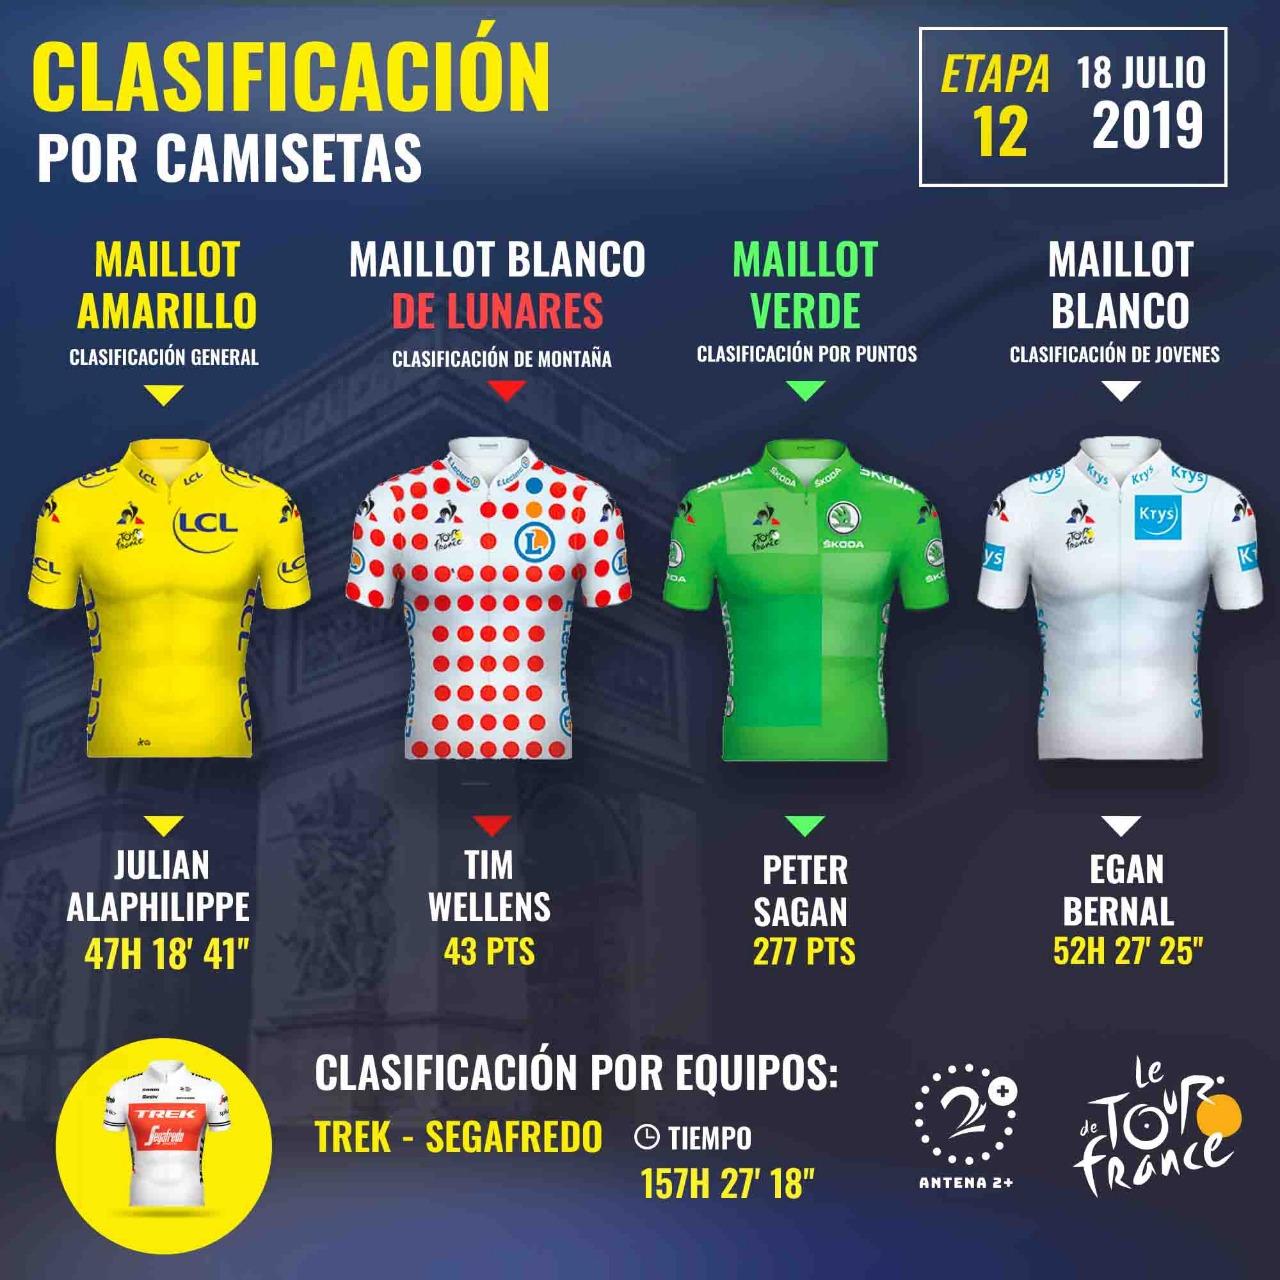 Líderes del Tour de Francia 2019